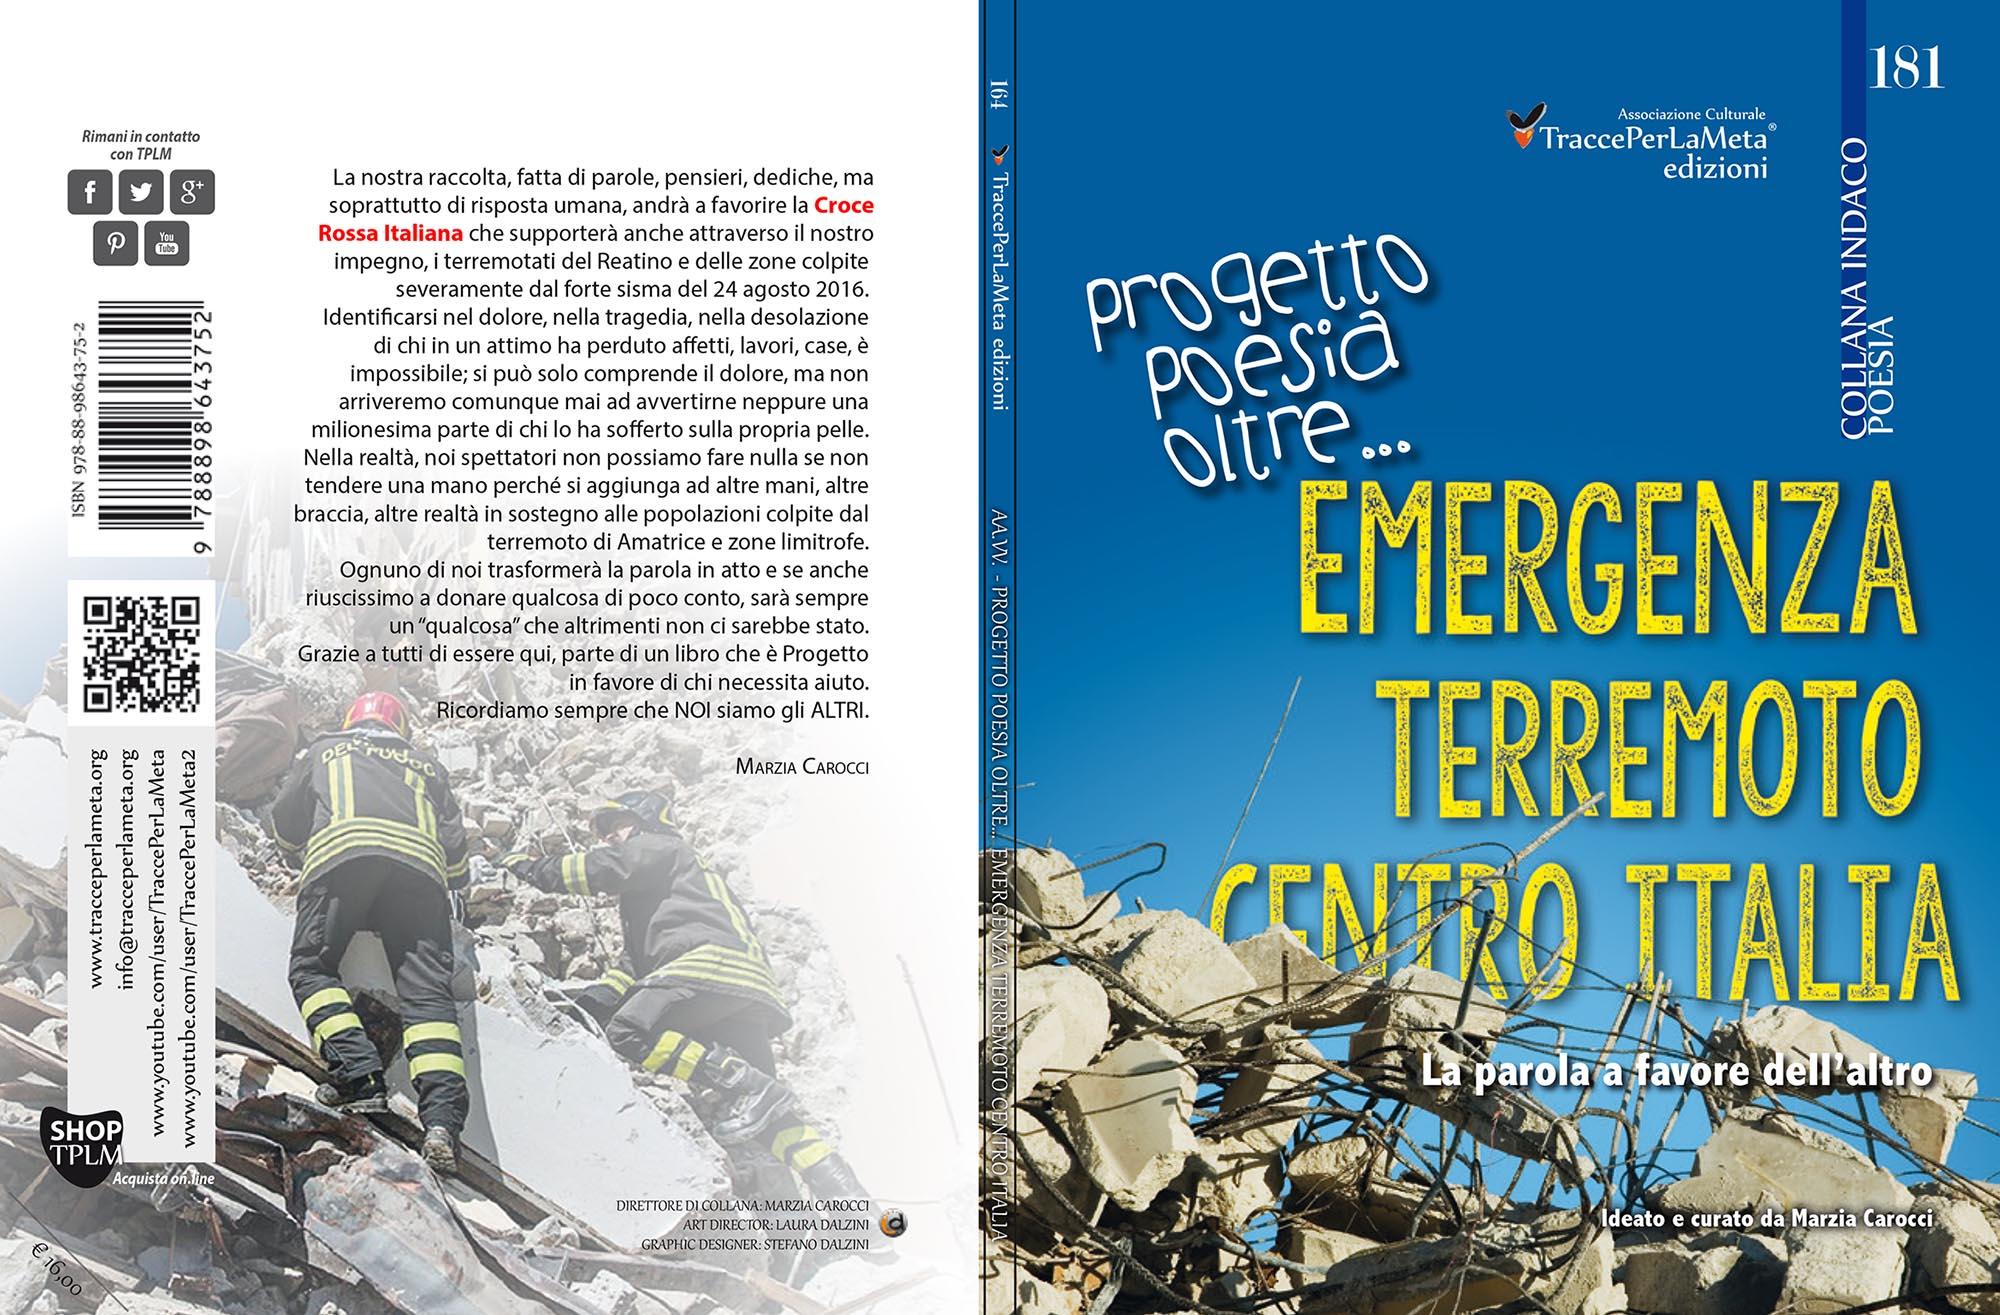 Scadenza 5.10.2016 – Emergenza Terremoto Centro Italia – Progetto Poesia Oltre